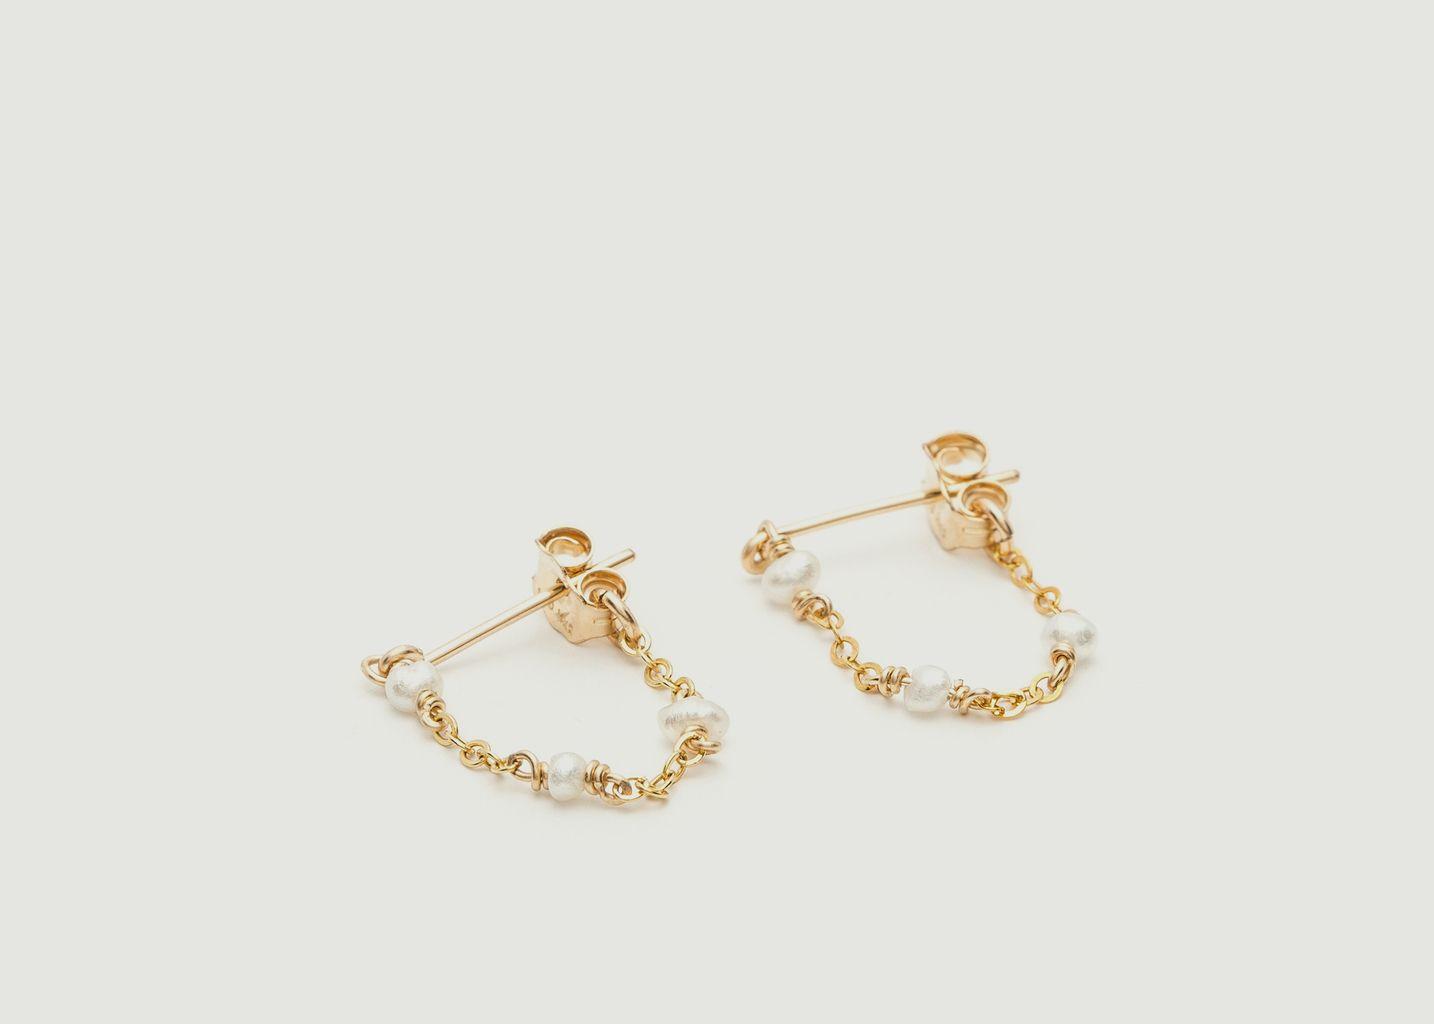 Mini boucles d'oreilles chaînette perles de culture Satellite - YAY